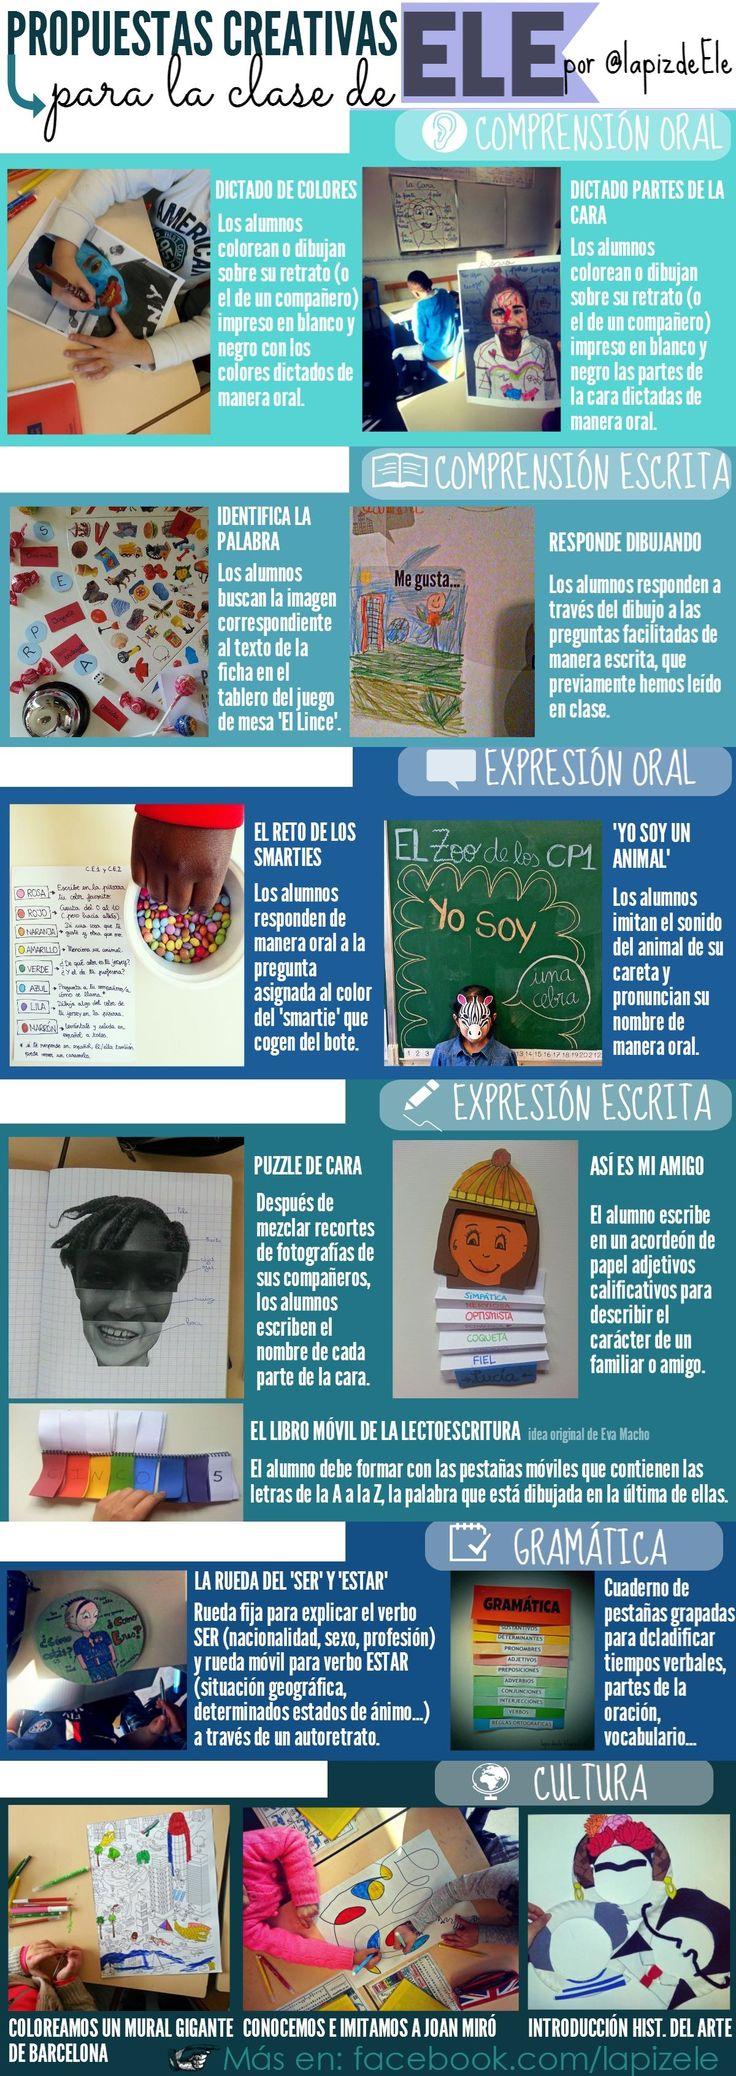 Propuestas creativas para la clase de Español, o para enseñar cualquier lengua extranjera ;)